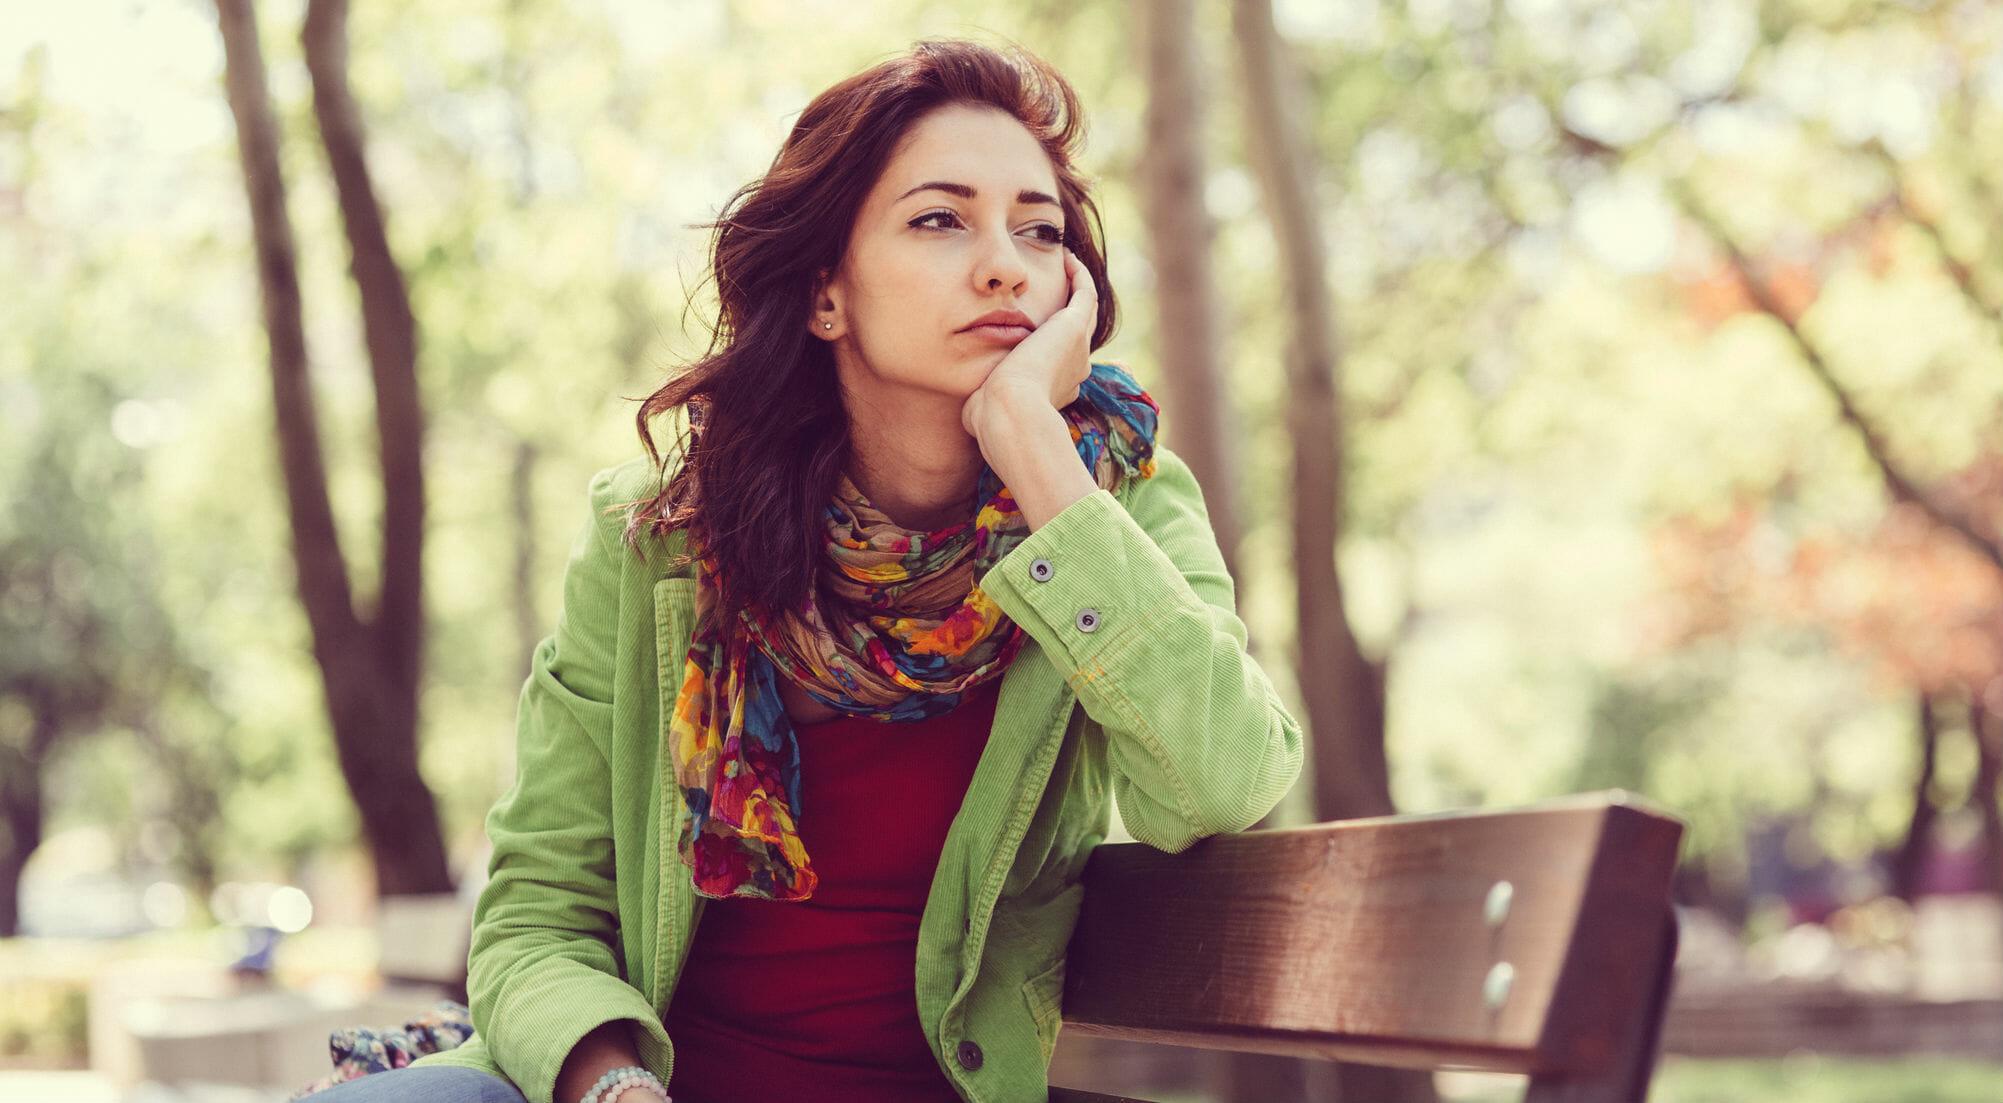 ragazze donna ragazza triste malinconia tristezza infelice